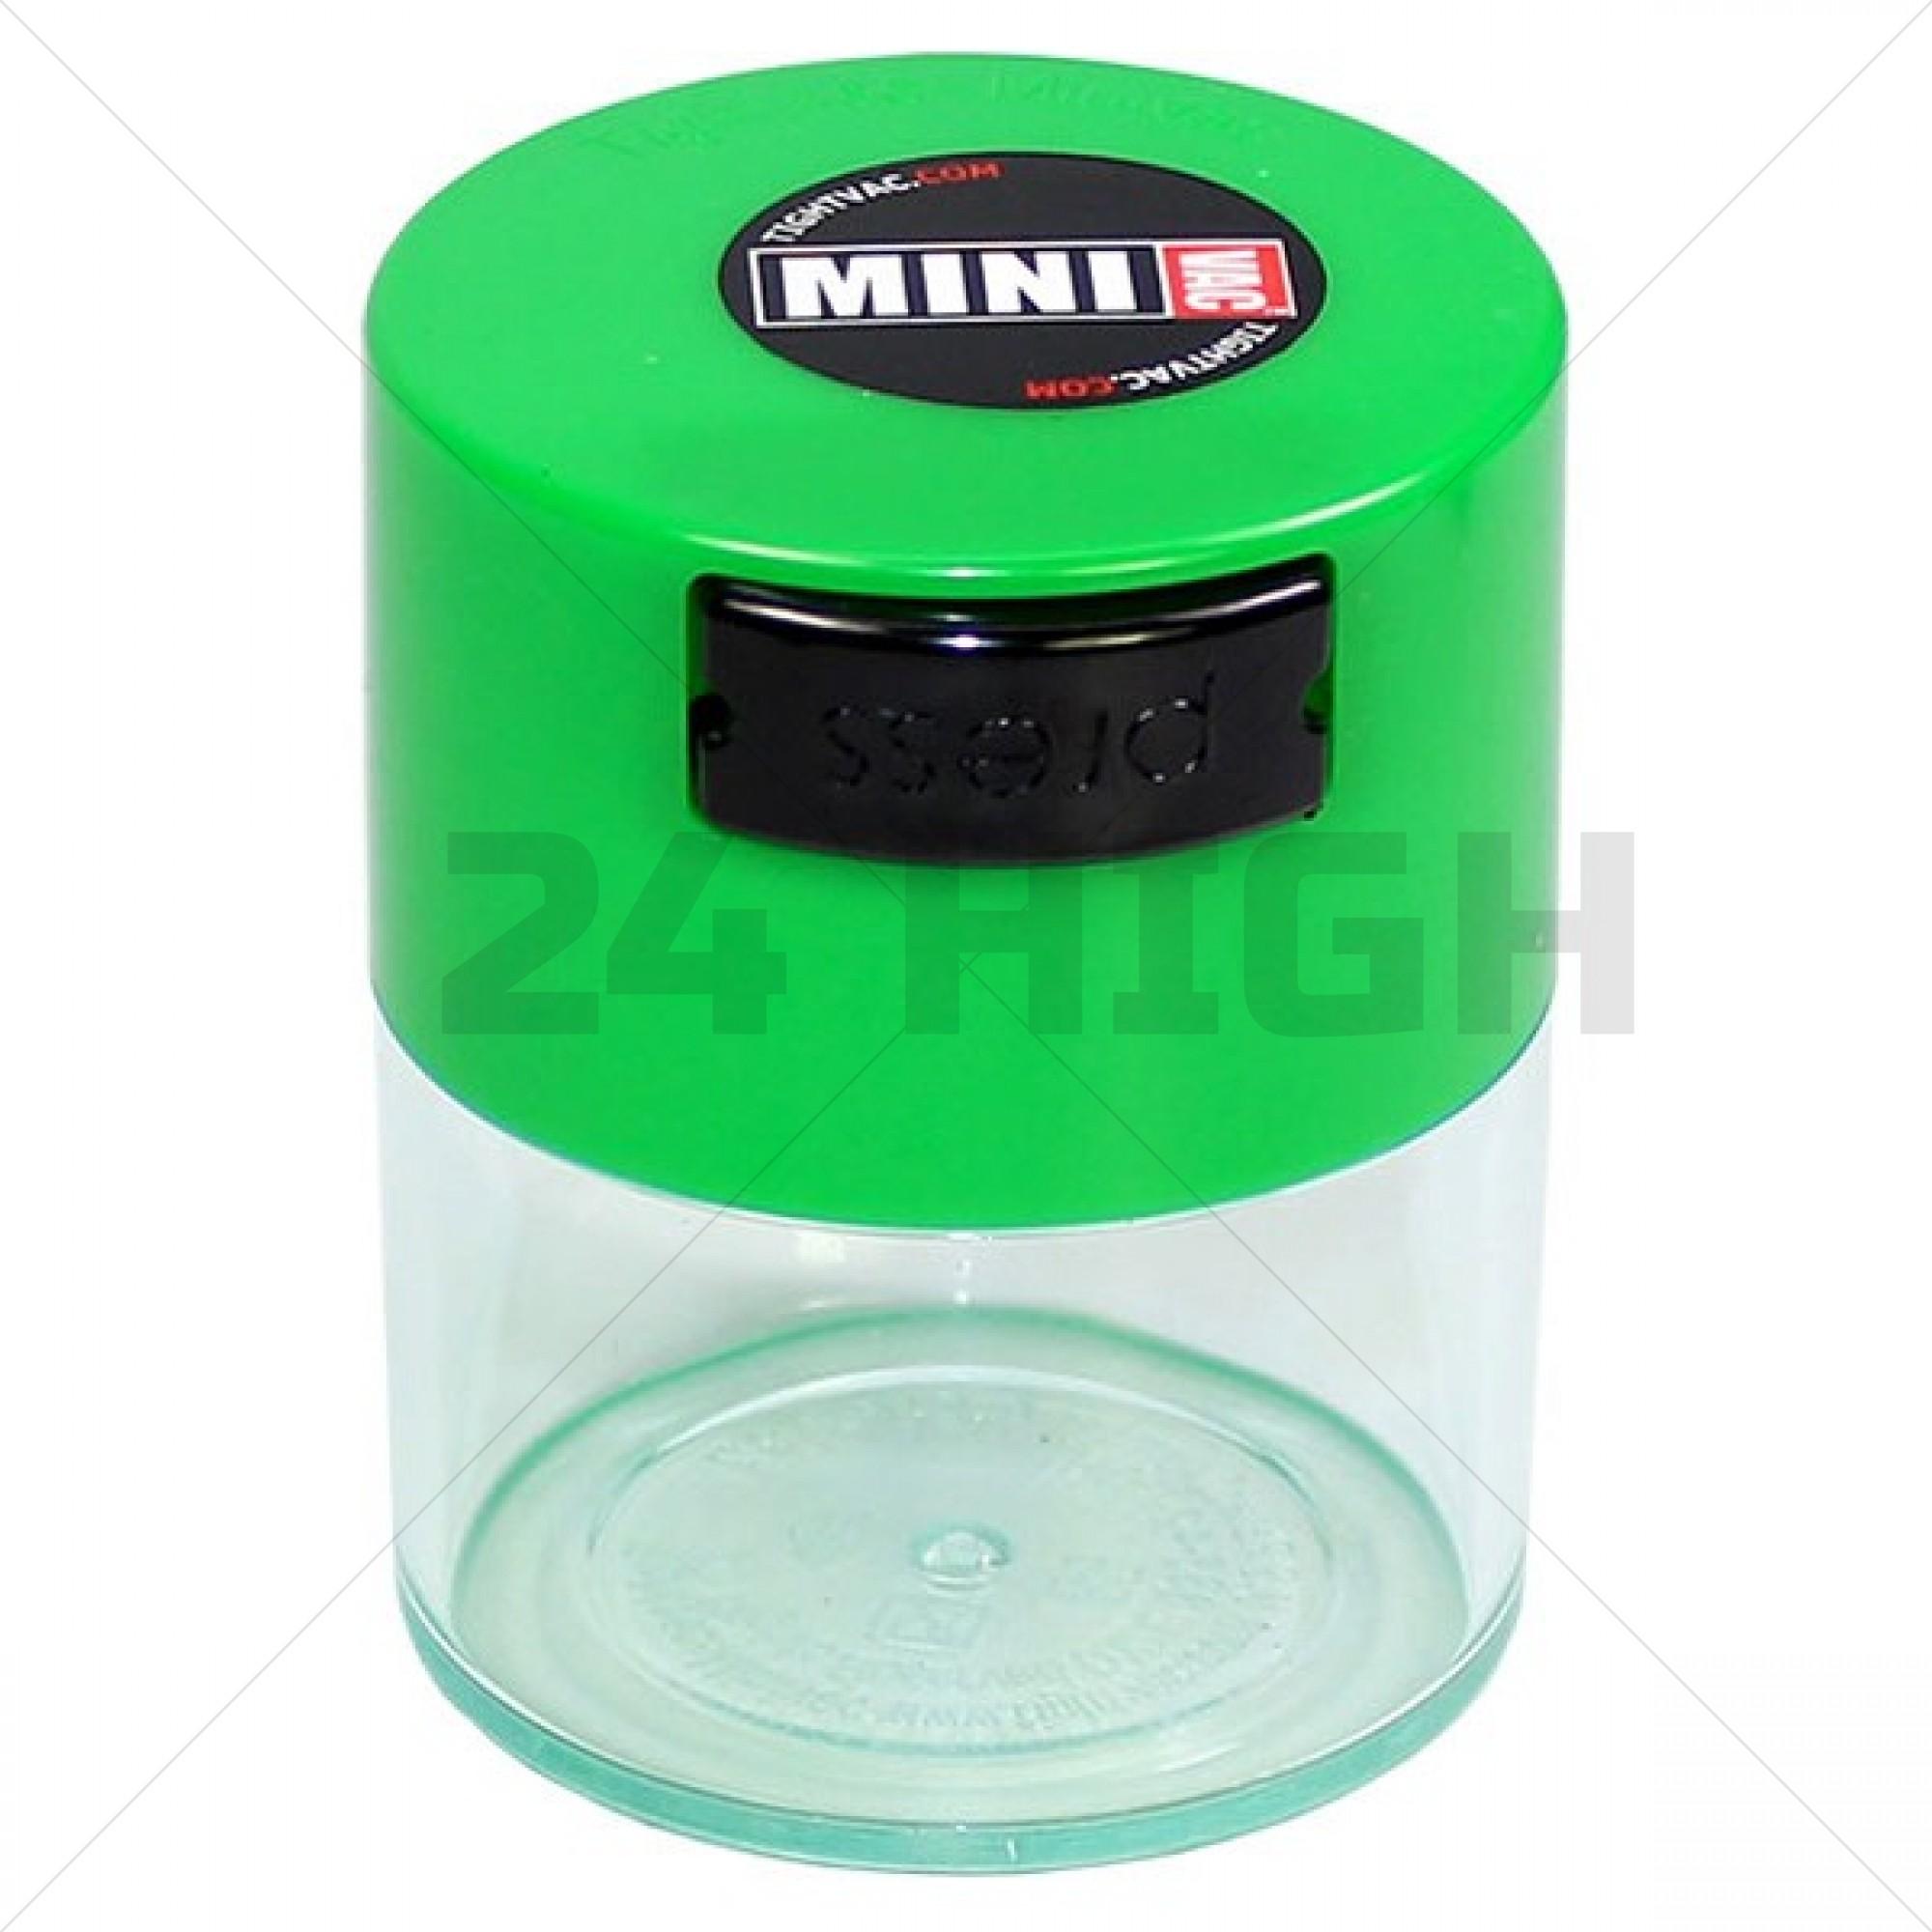 Tightvac 0,12 liter Mini Clear Light Green Cap